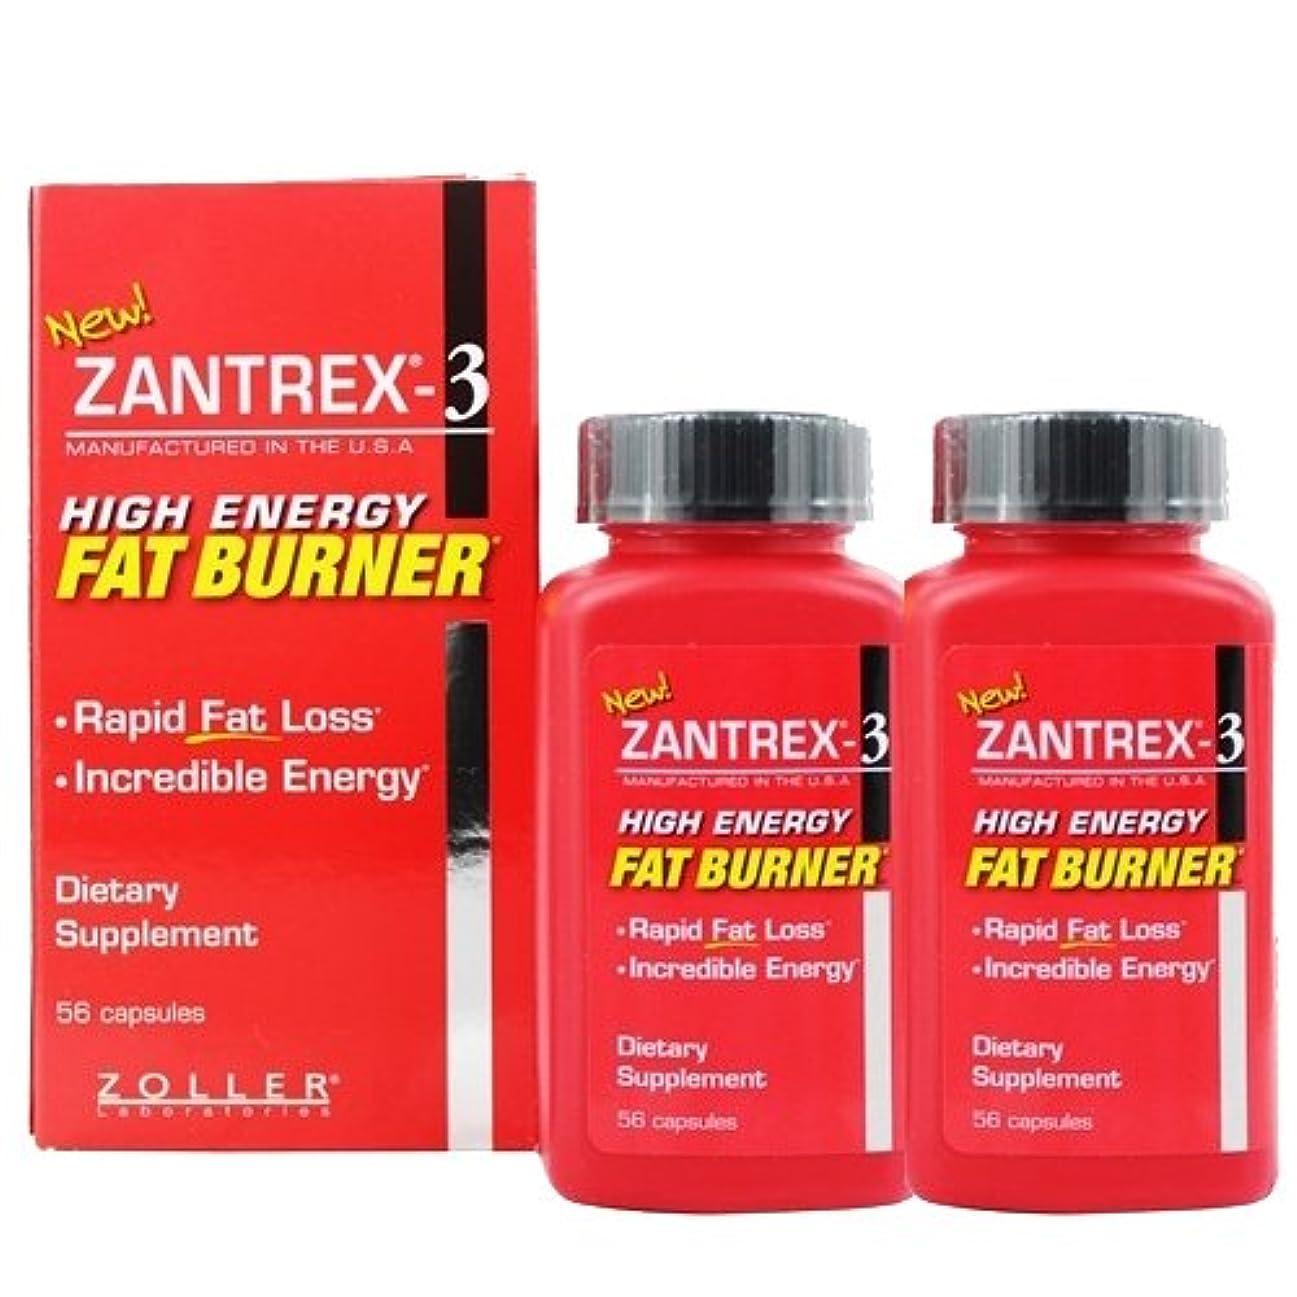 マーティンルーサーキングジュニア雄弁な麺Zoller Laboratories ザントレックス3ハイエナジーファットバーナー 2ボトル(56caps×2) [並行輸入品]